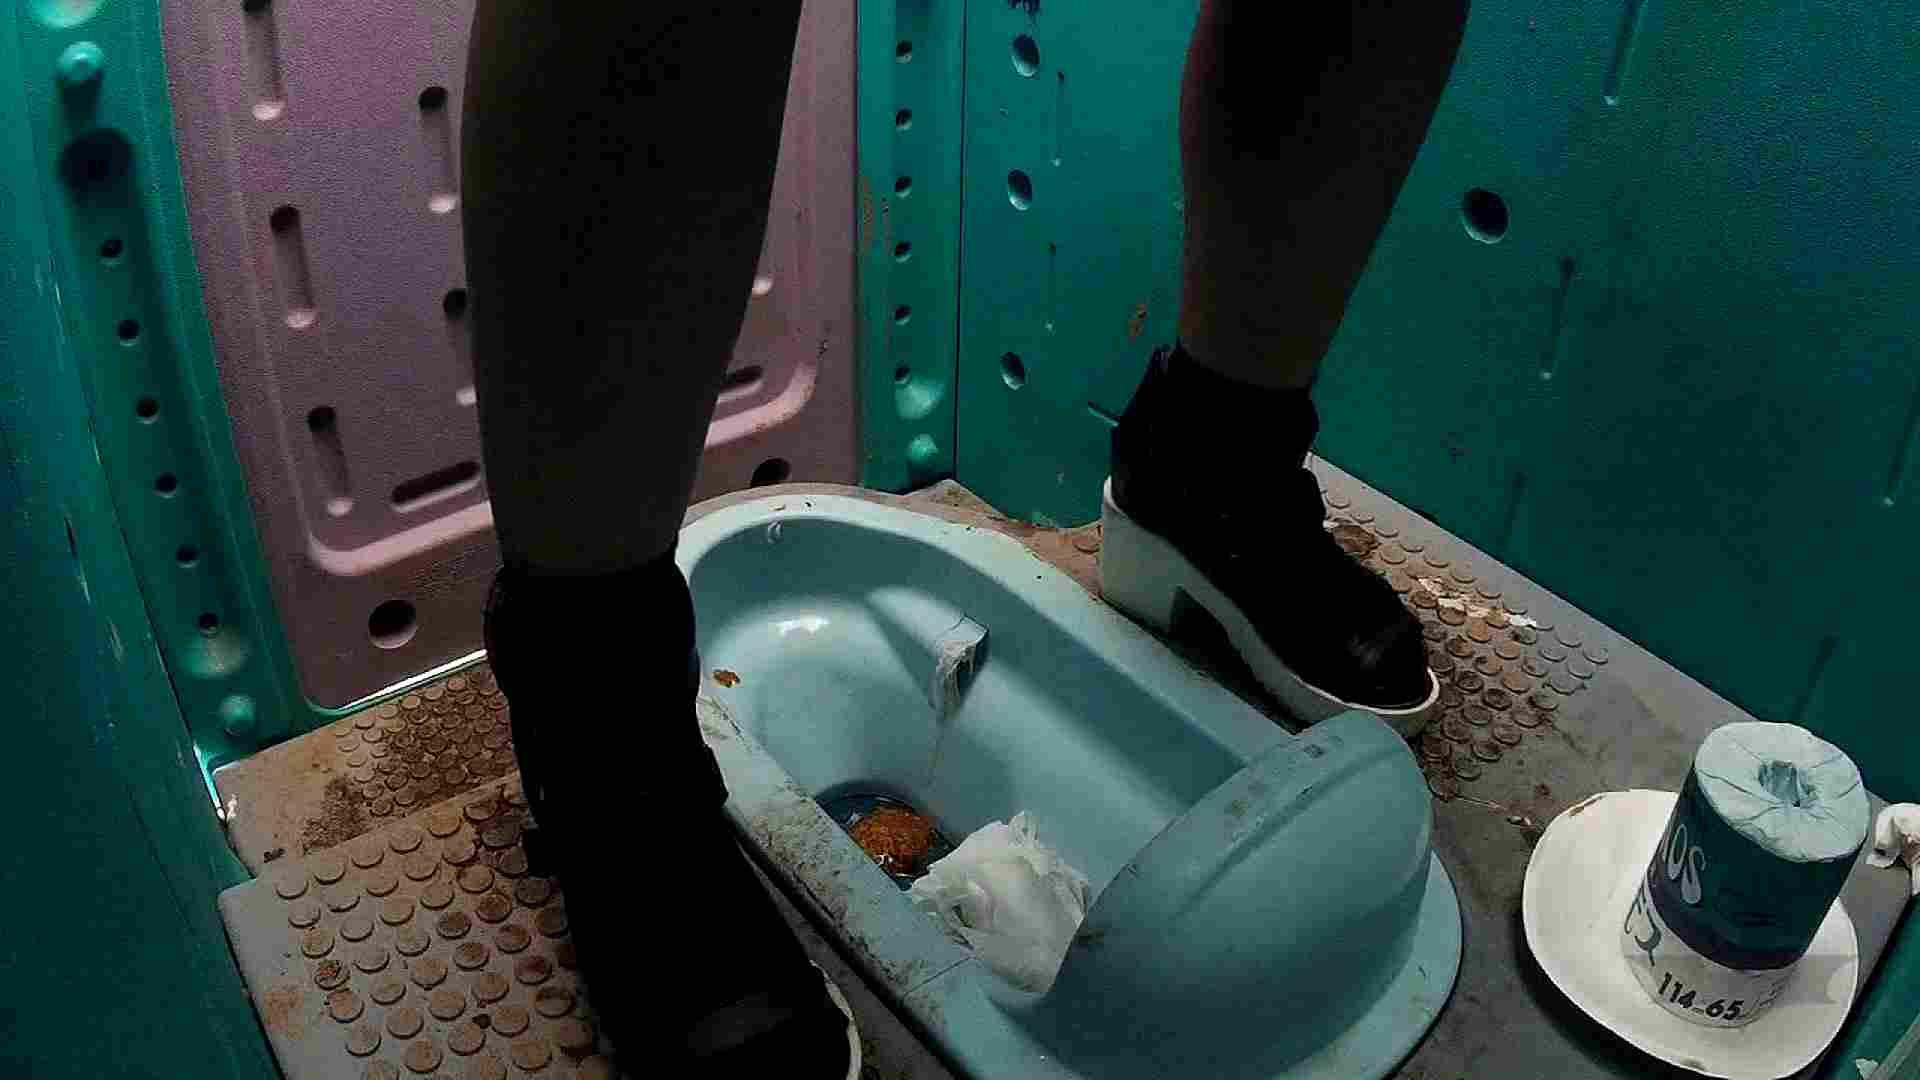 痴態洗面所 Vol.06 中が「マジヤバいヨネ!」洗面所 ギャルズ | 洗面所シーン  46画像 26